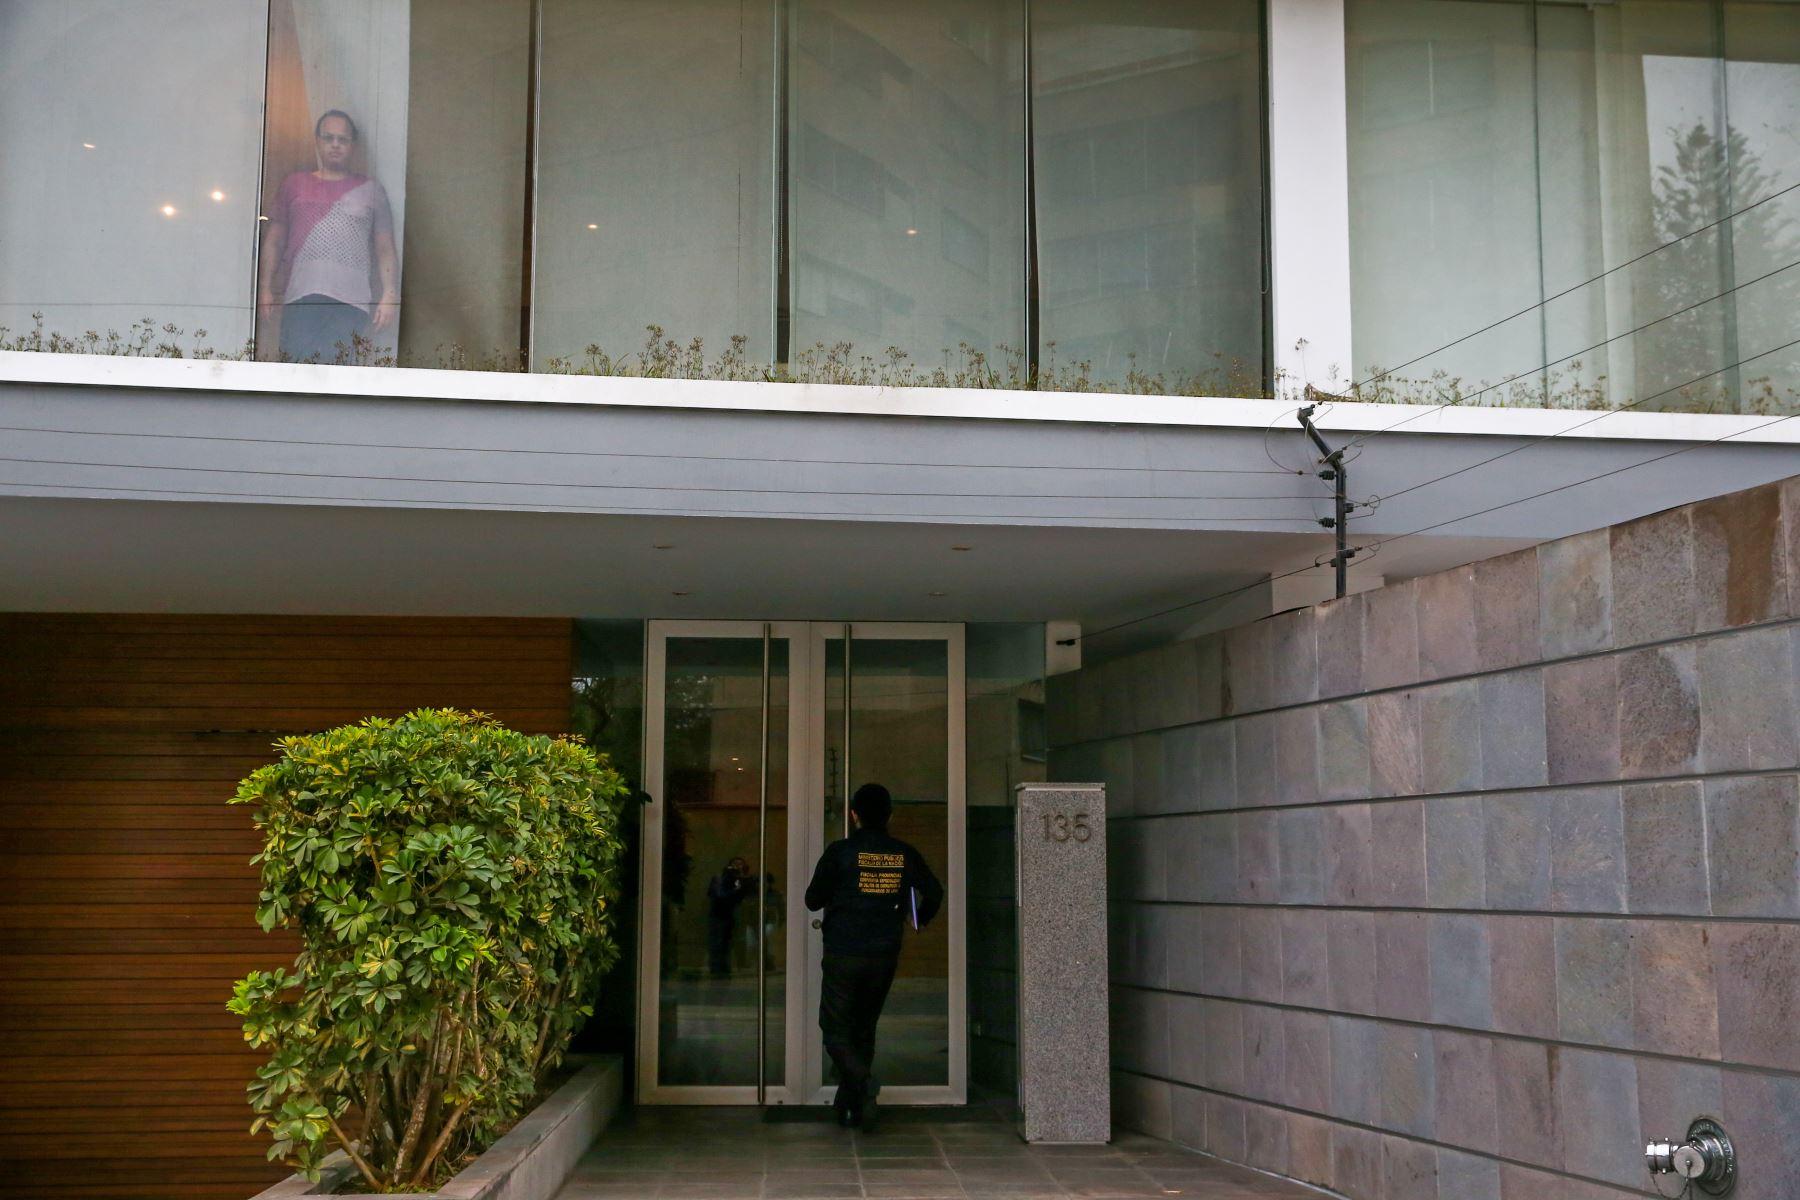 Miembros de la fiscalía de la Nación, efectúan el allanamiento del departamento de Romulo León Romero, hermano de Luciana León. Foto: ANDINA Melina Mejía